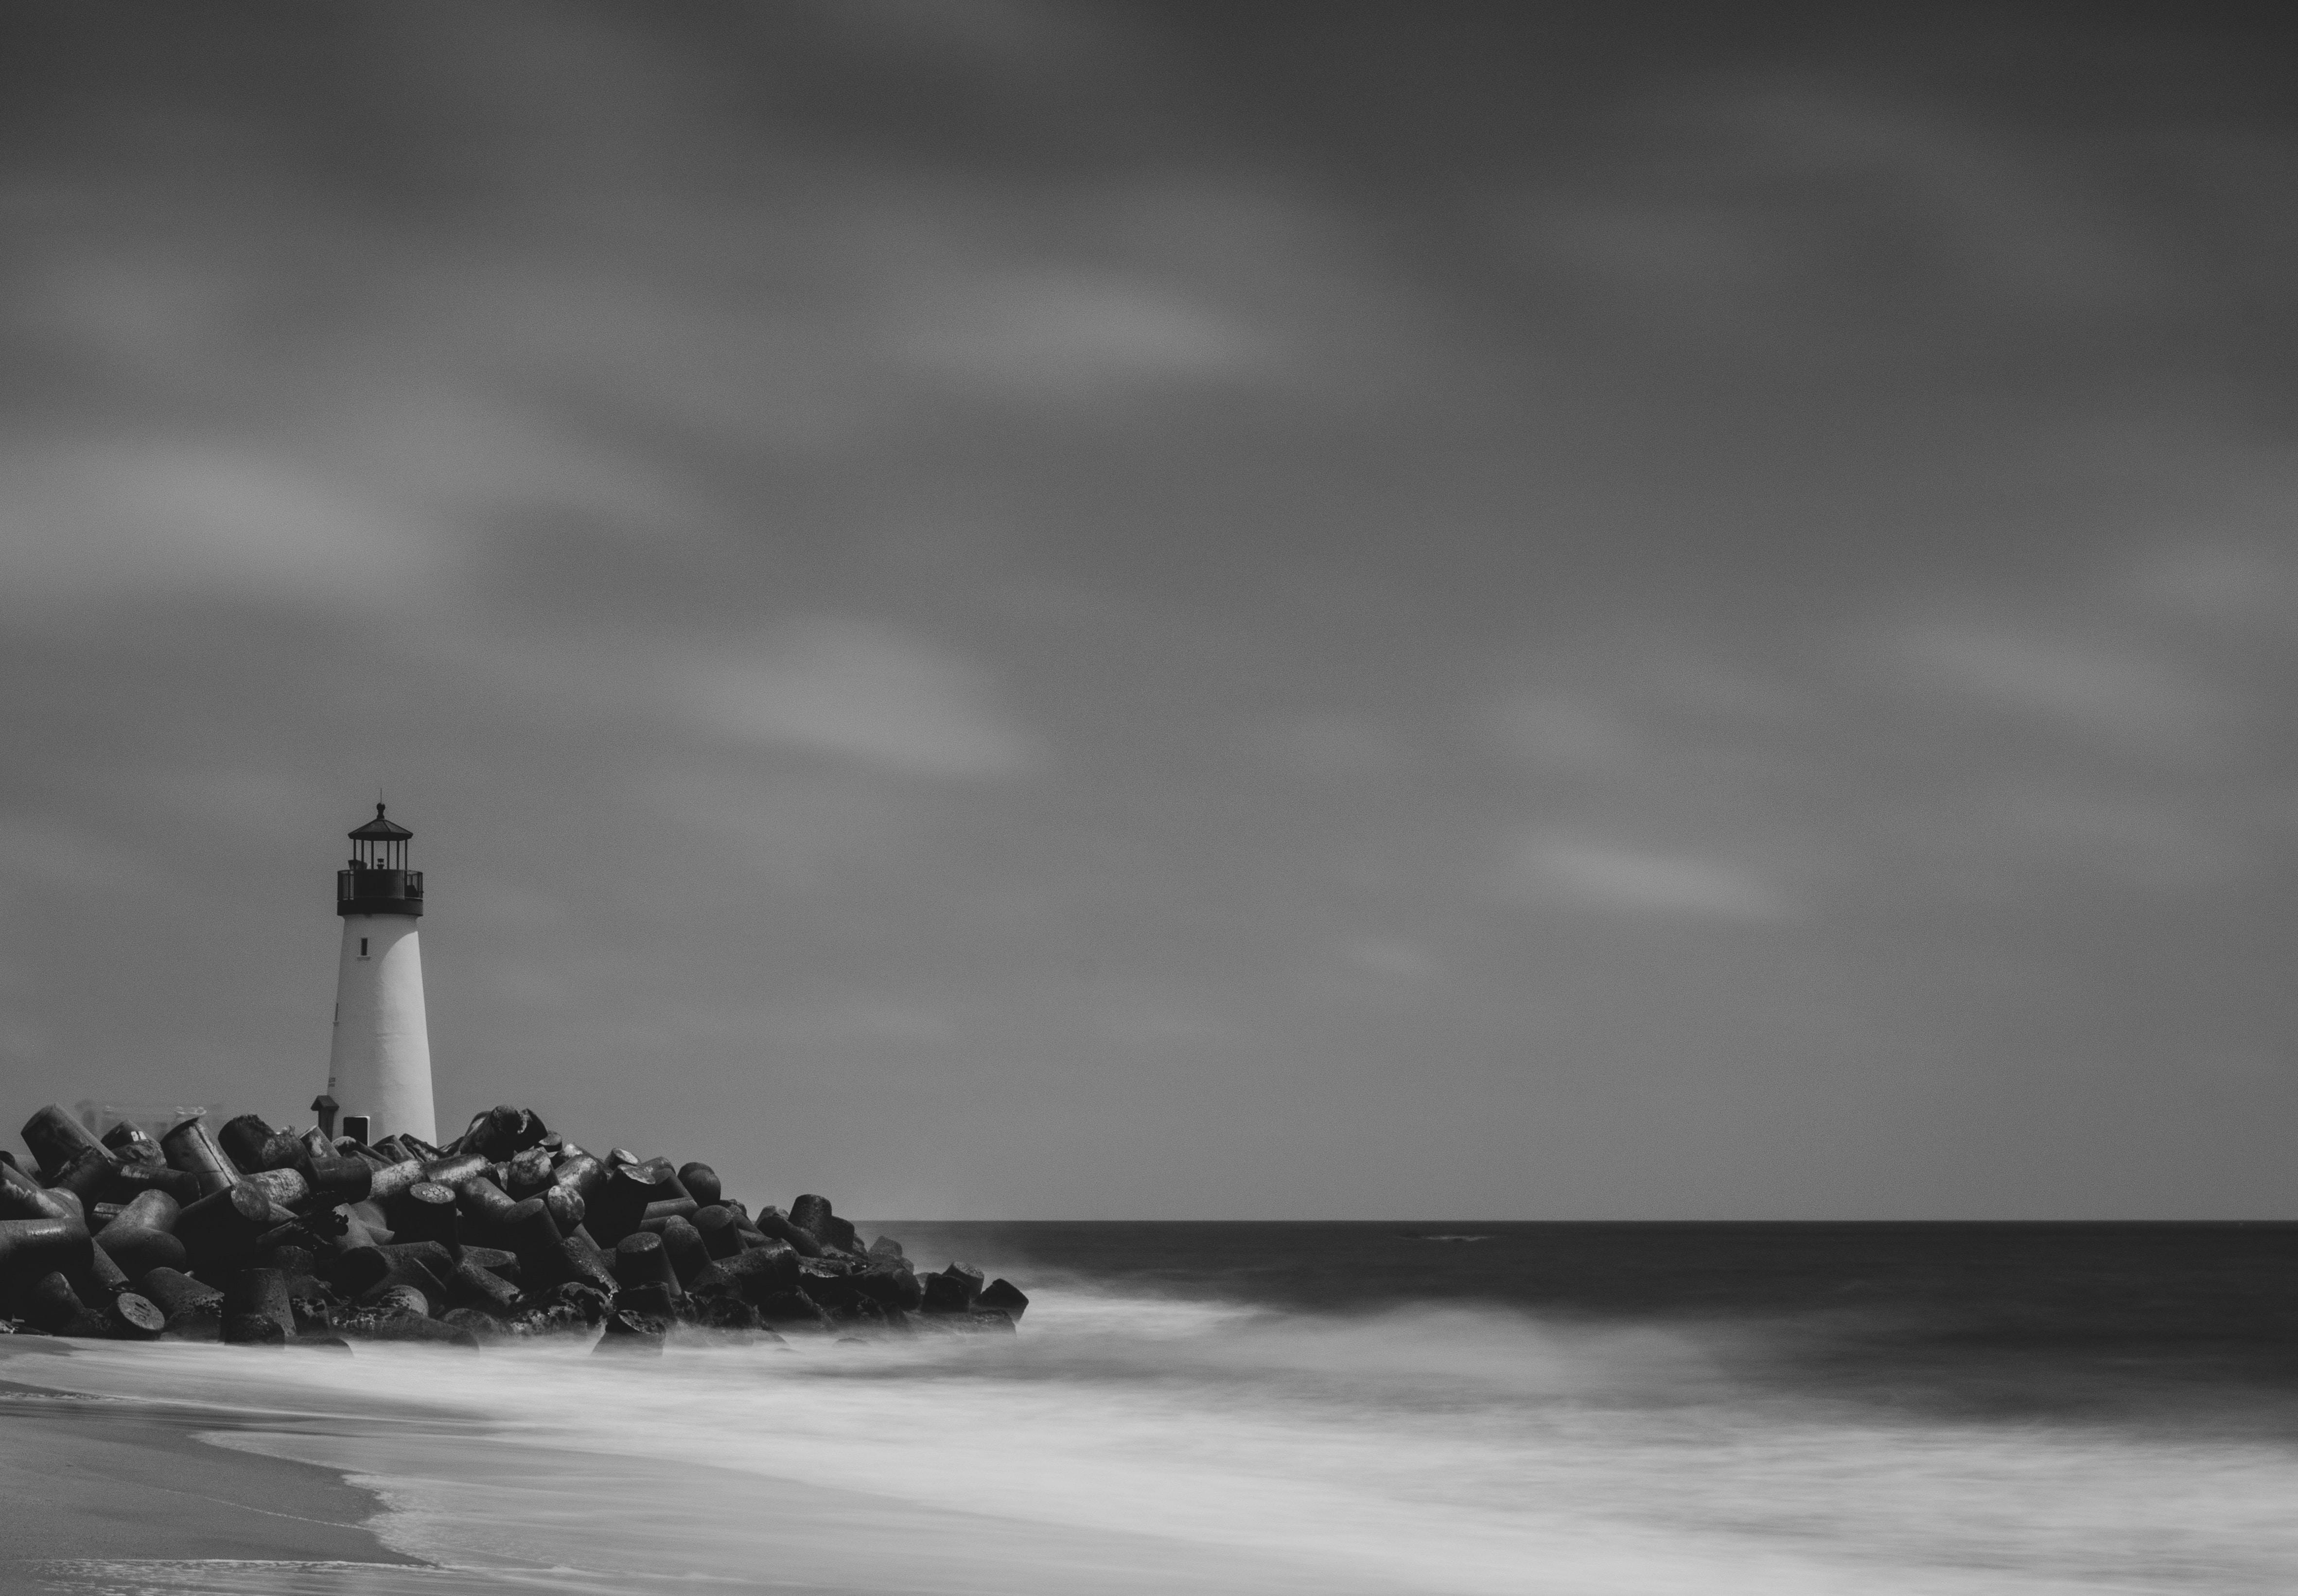 greyscale photo of lighthouse near shore